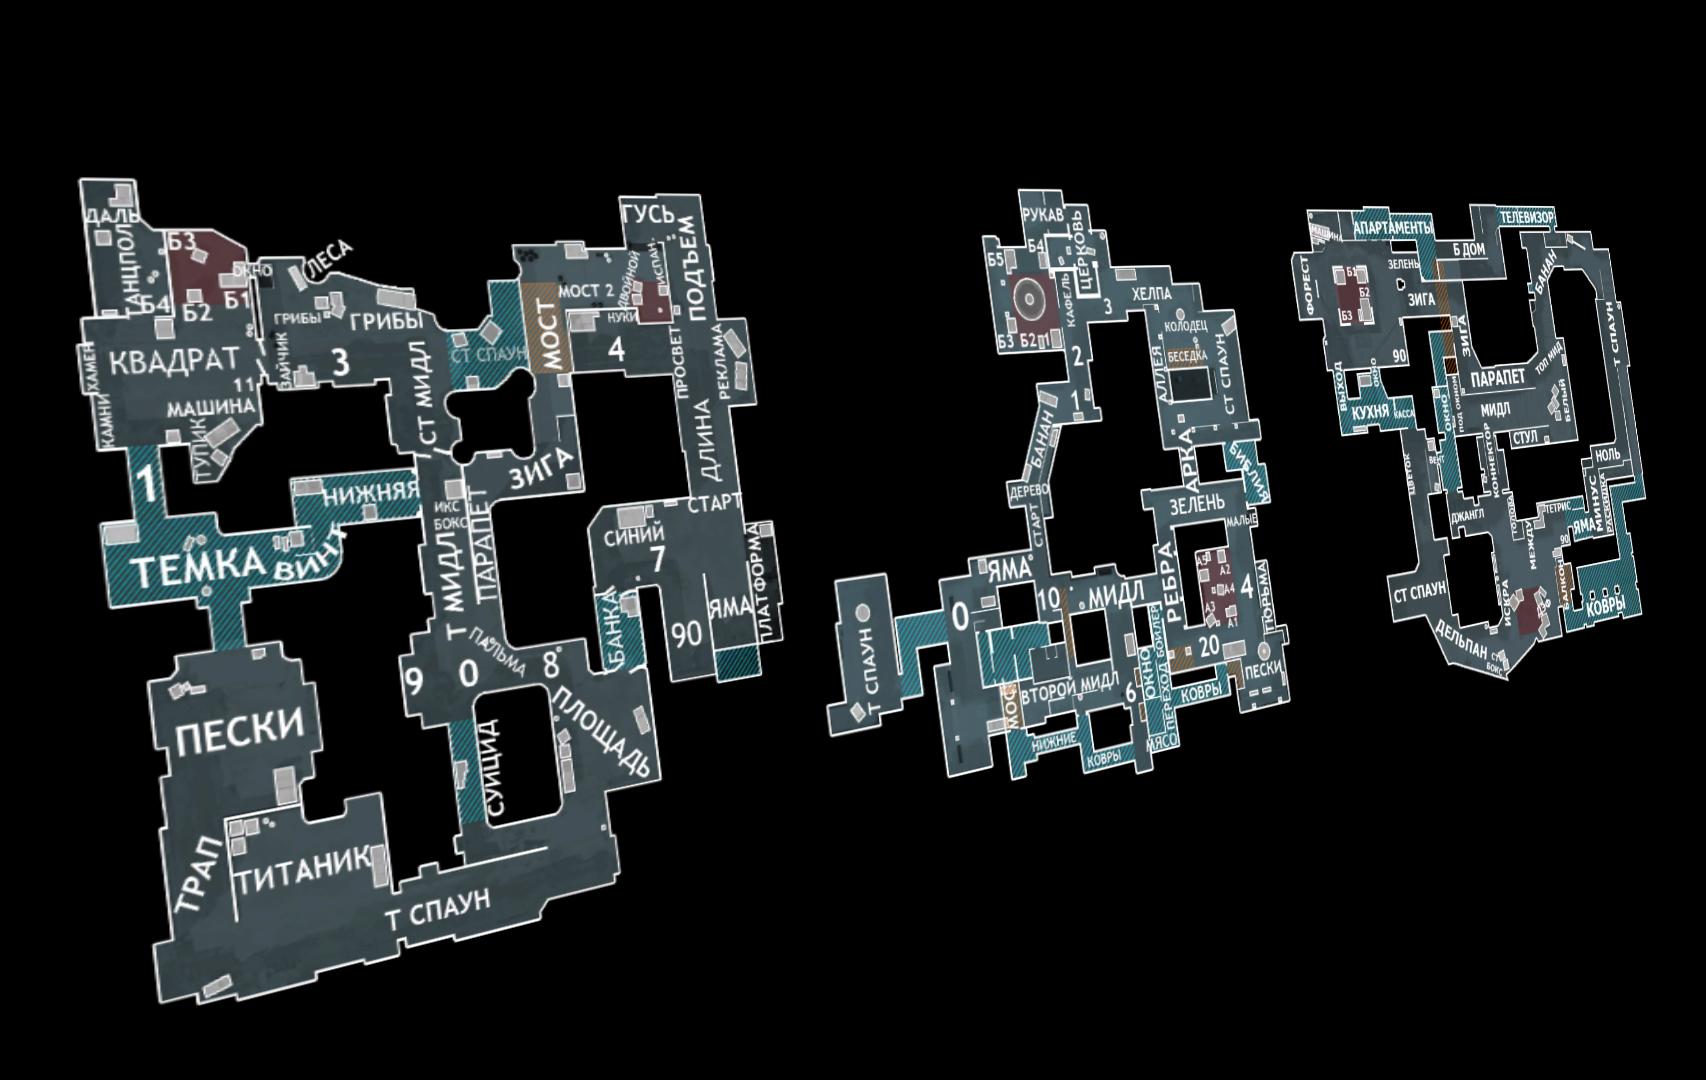 Обозначение позиций в CS:GO - Установка на радар